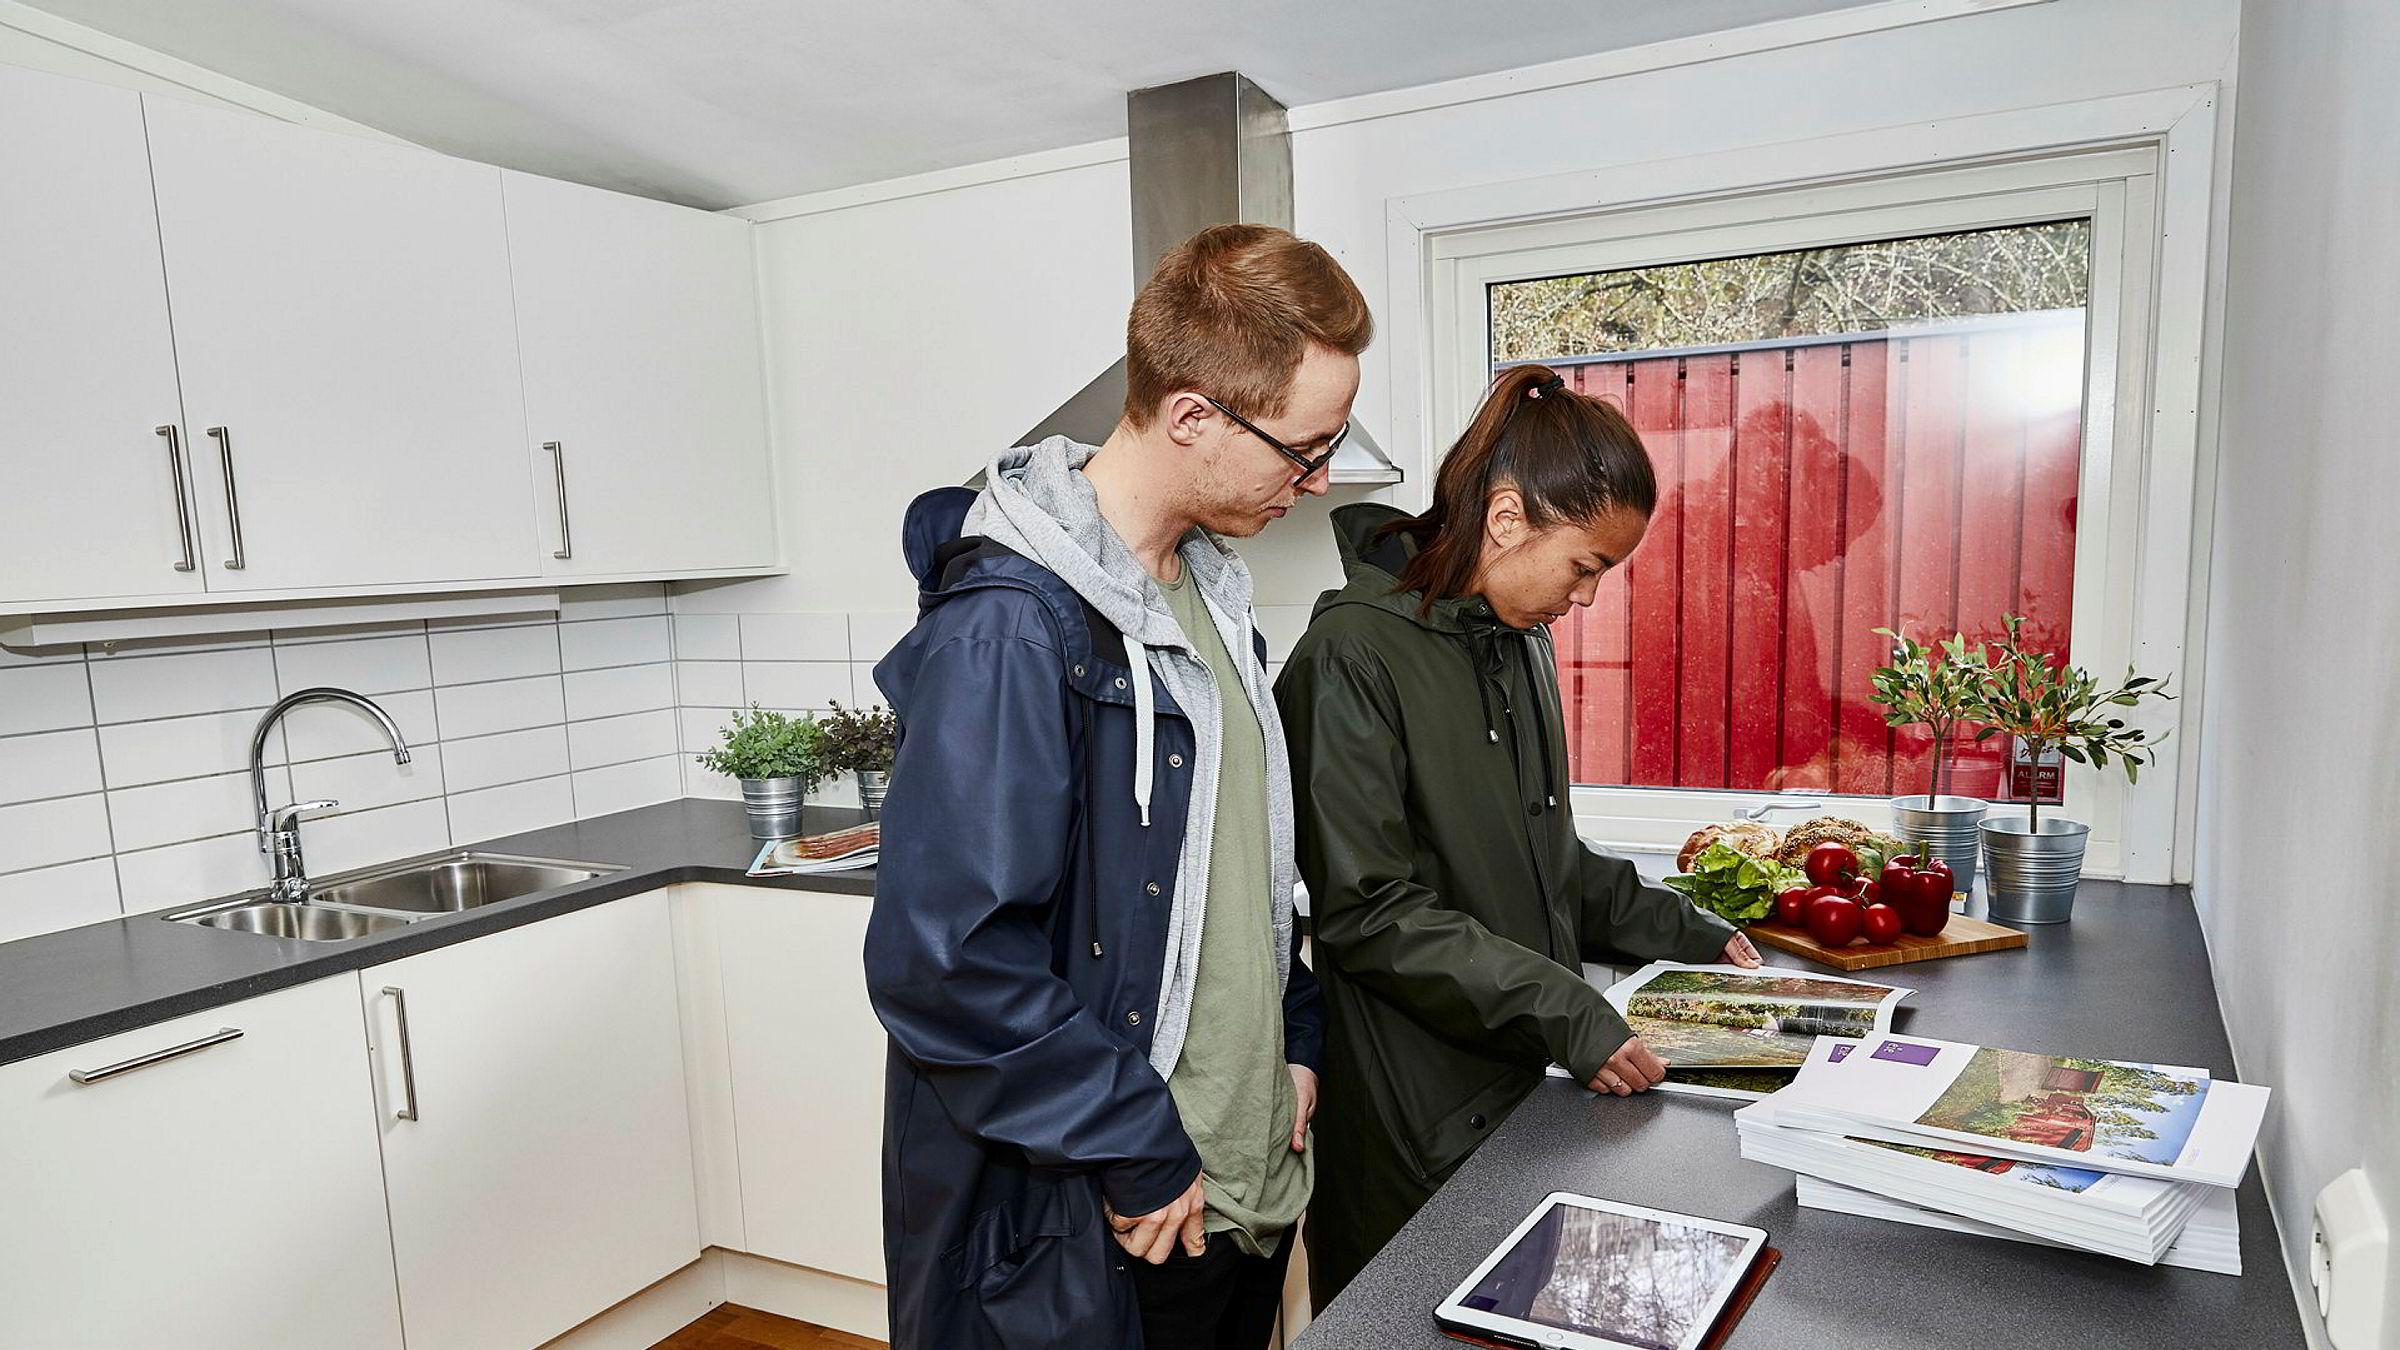 Da Jens Ole Rygh (28) og Mina Waagan (27) kjøpte sin første bolig, var de forberedt på at renten kunne gå opp og satte av penger med tanke på økte boutgifter. Nå er de på jakt etter ny bolig. - Det vil jo være like viktig nå, å ikke kjøpe mer enn man har råd til, sier Wagaan.